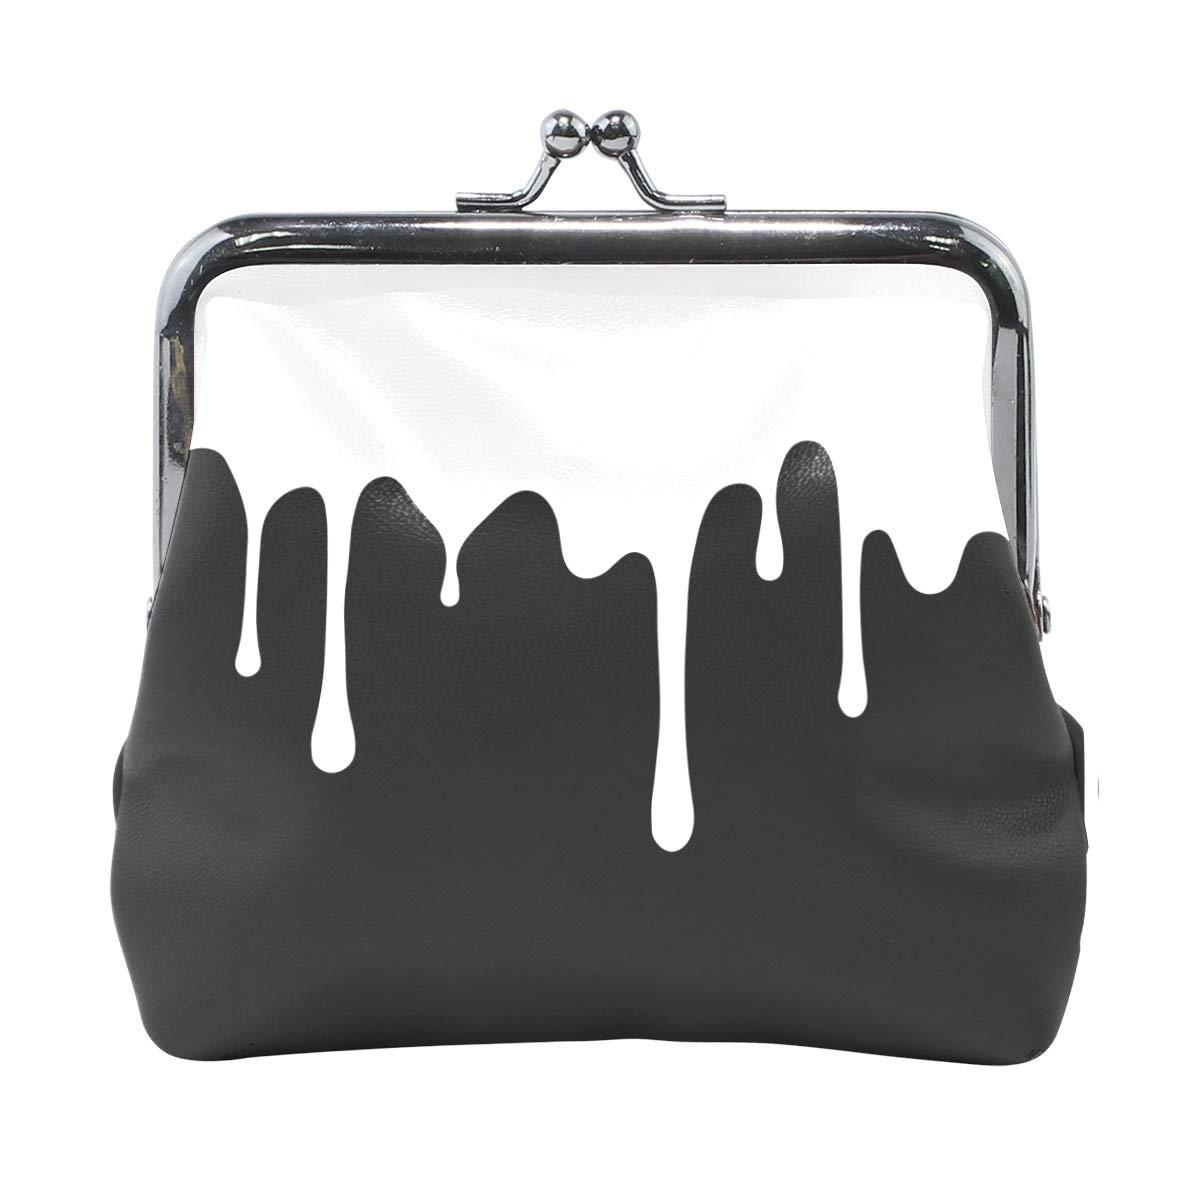 Women Wallet Purse Simple Color Art Clutch Bag Leather